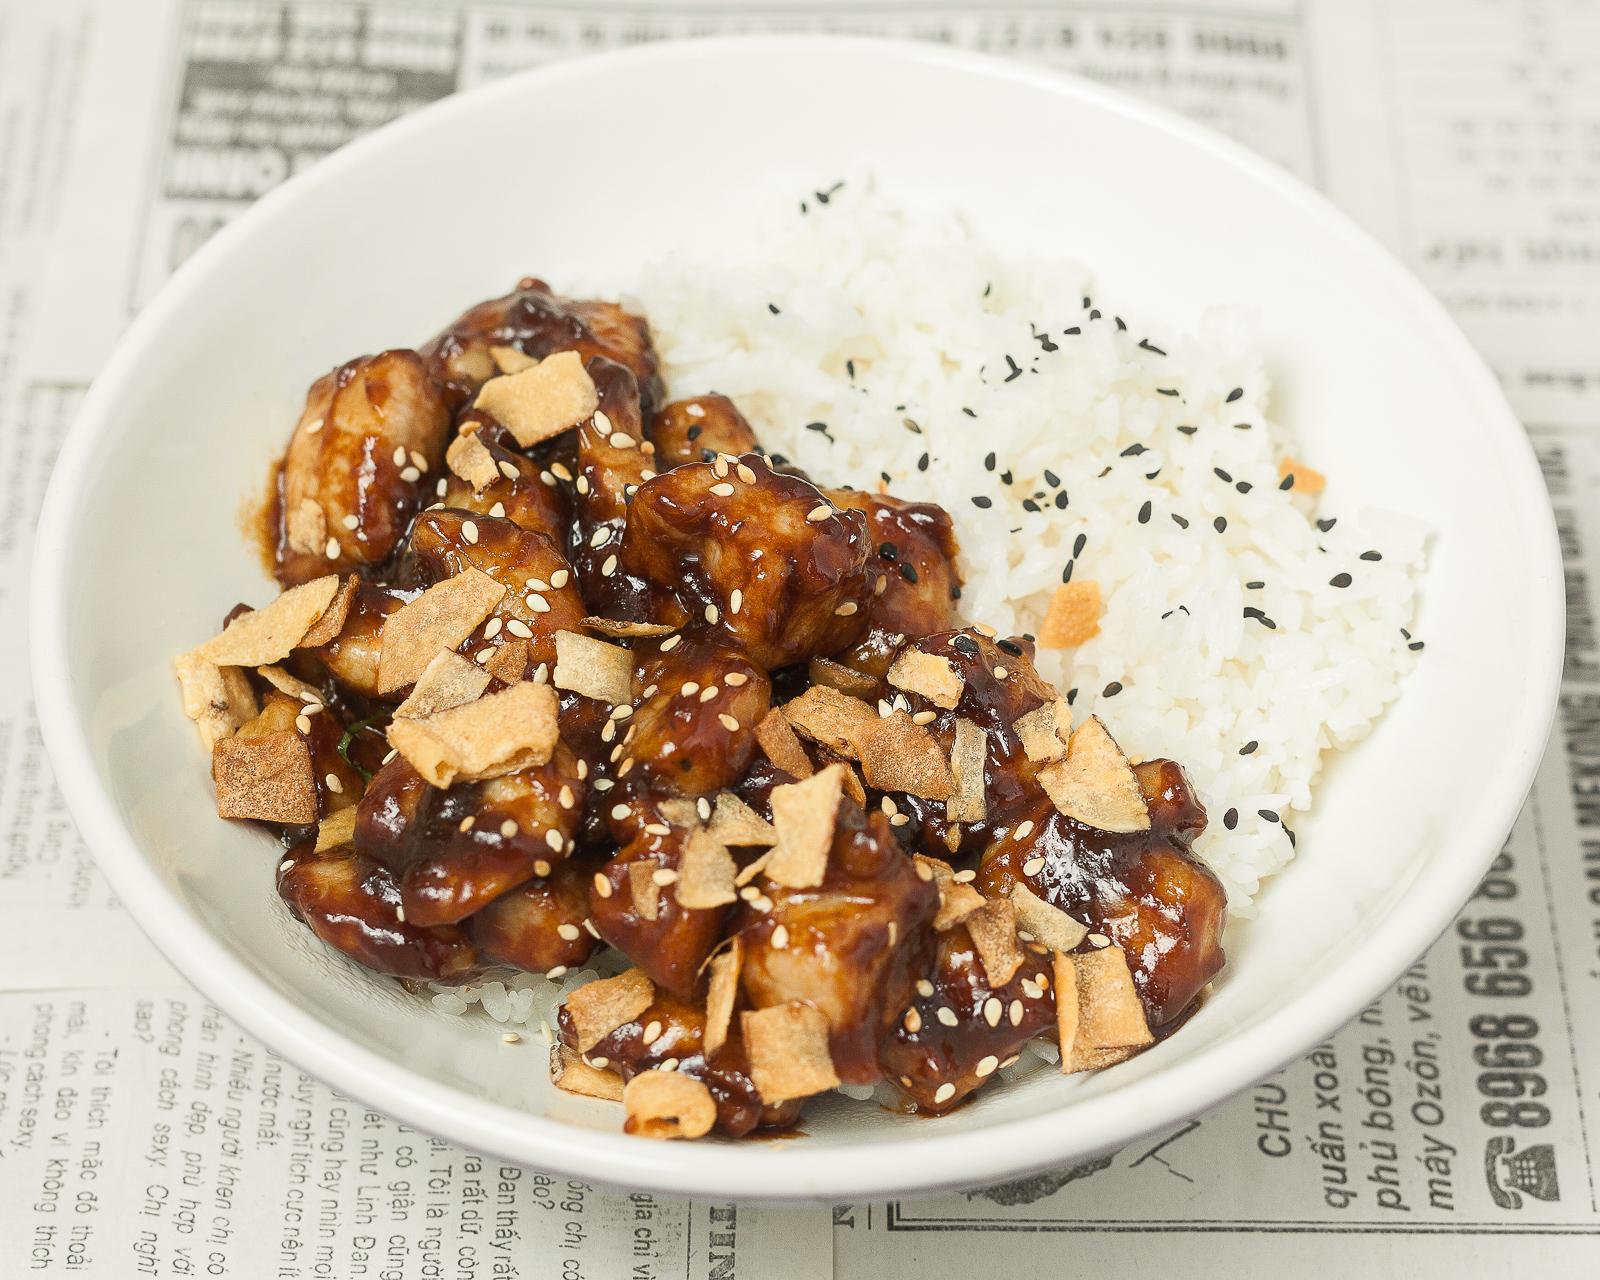 Рис со свининой и креветками в соусе по-ханойски